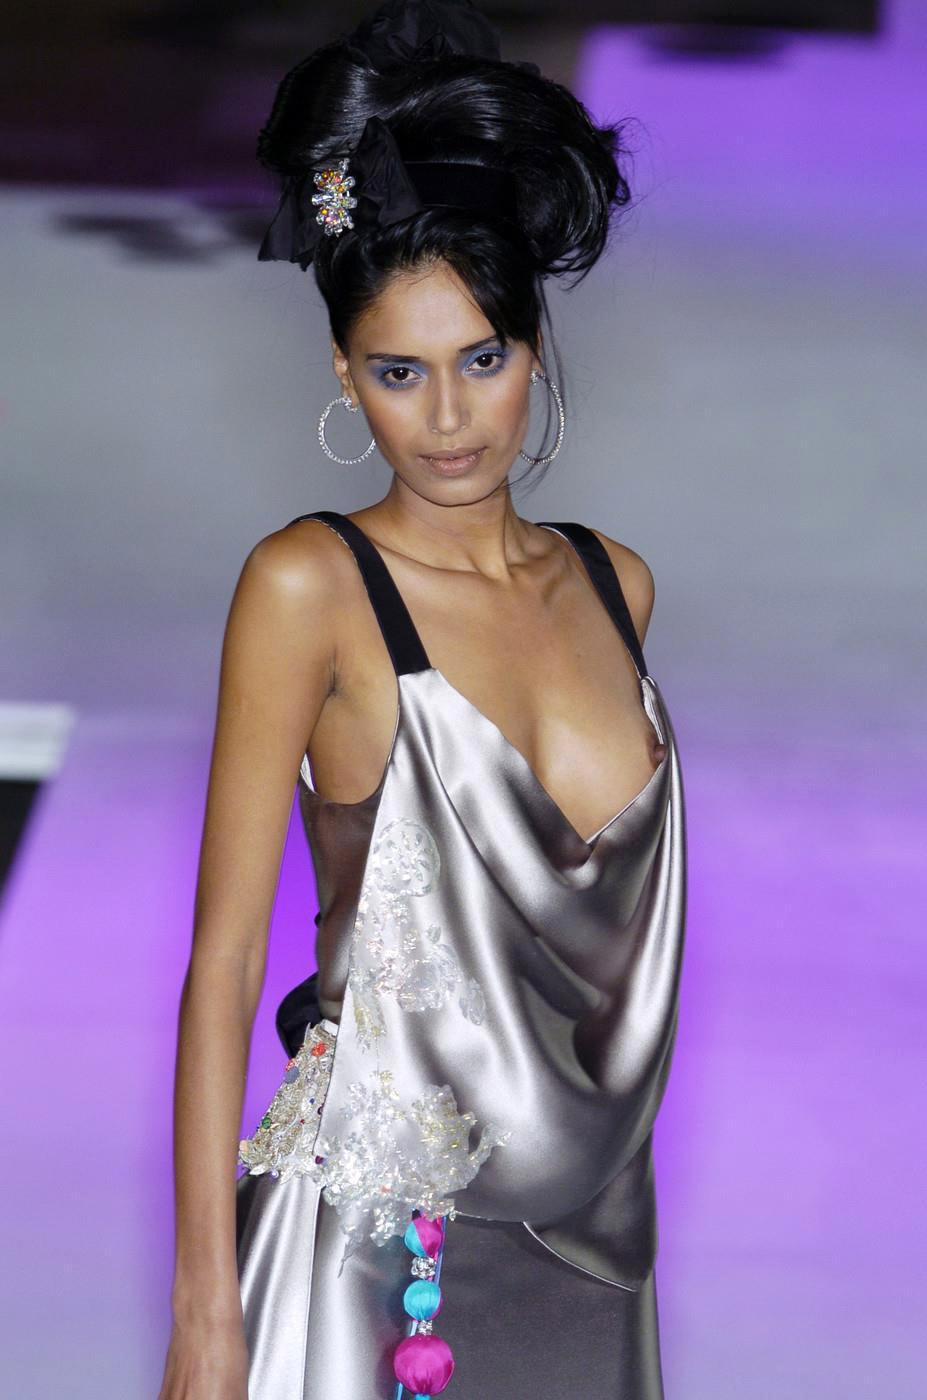 【画像】ファッションショーでおっぱい丸見えになったモデルさん、乳首ビンビンでワロタwwwwww・23枚目